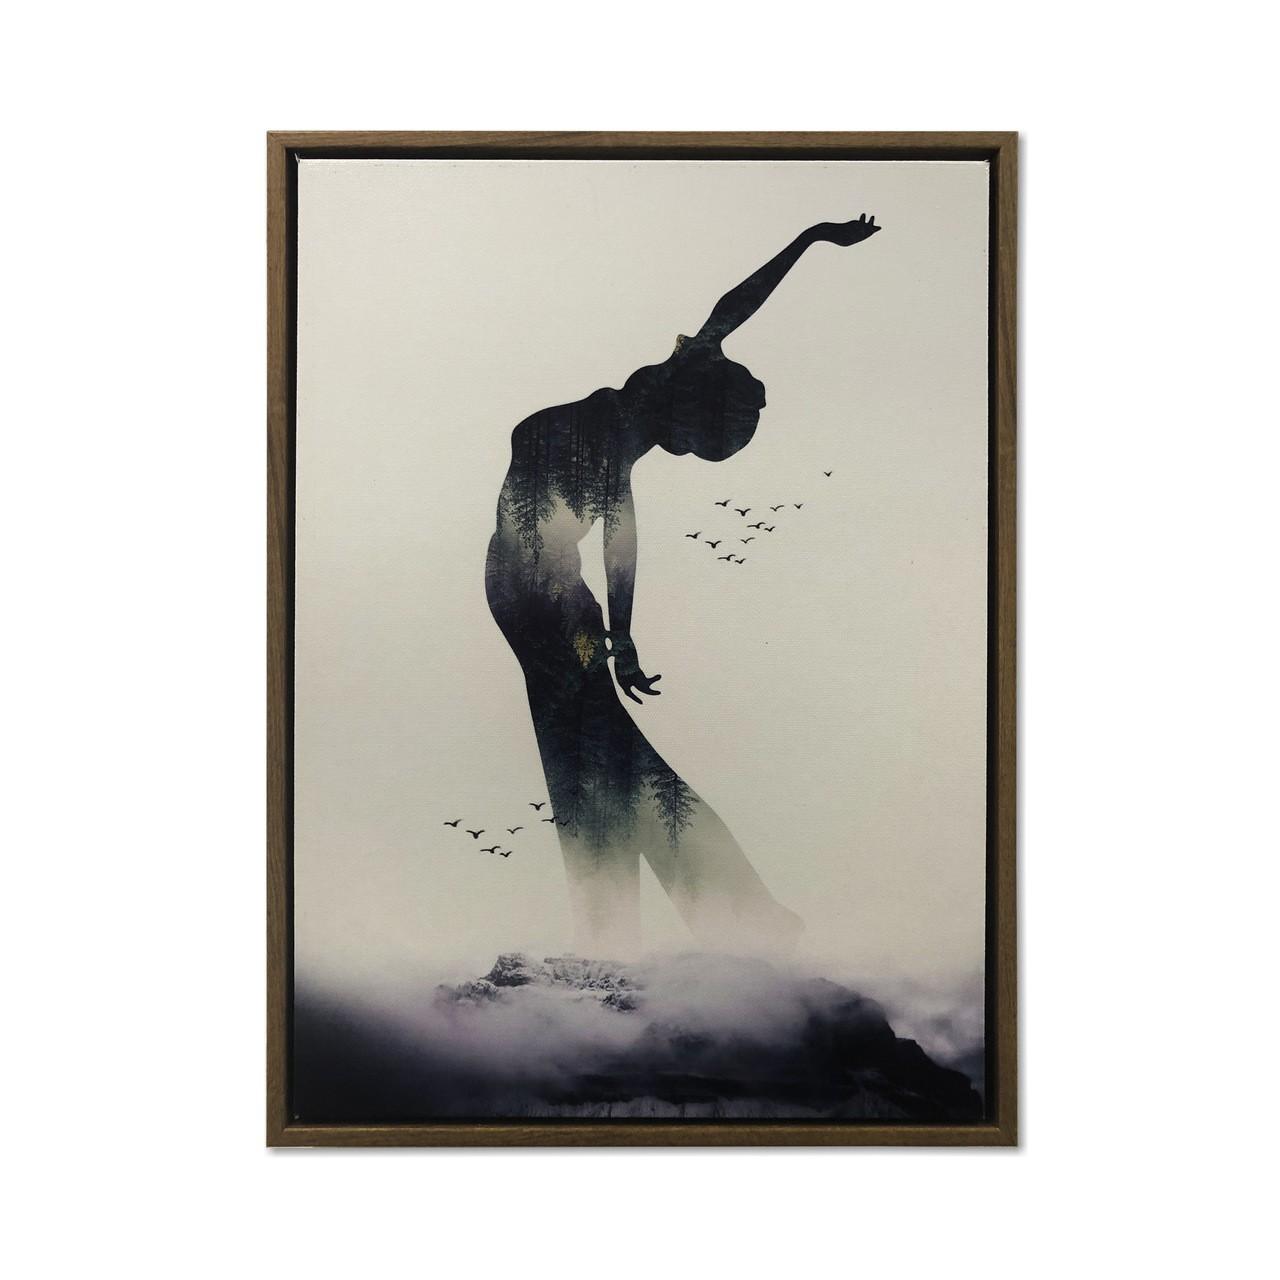 Quadro Decor Coleção Dança na Chuva 2